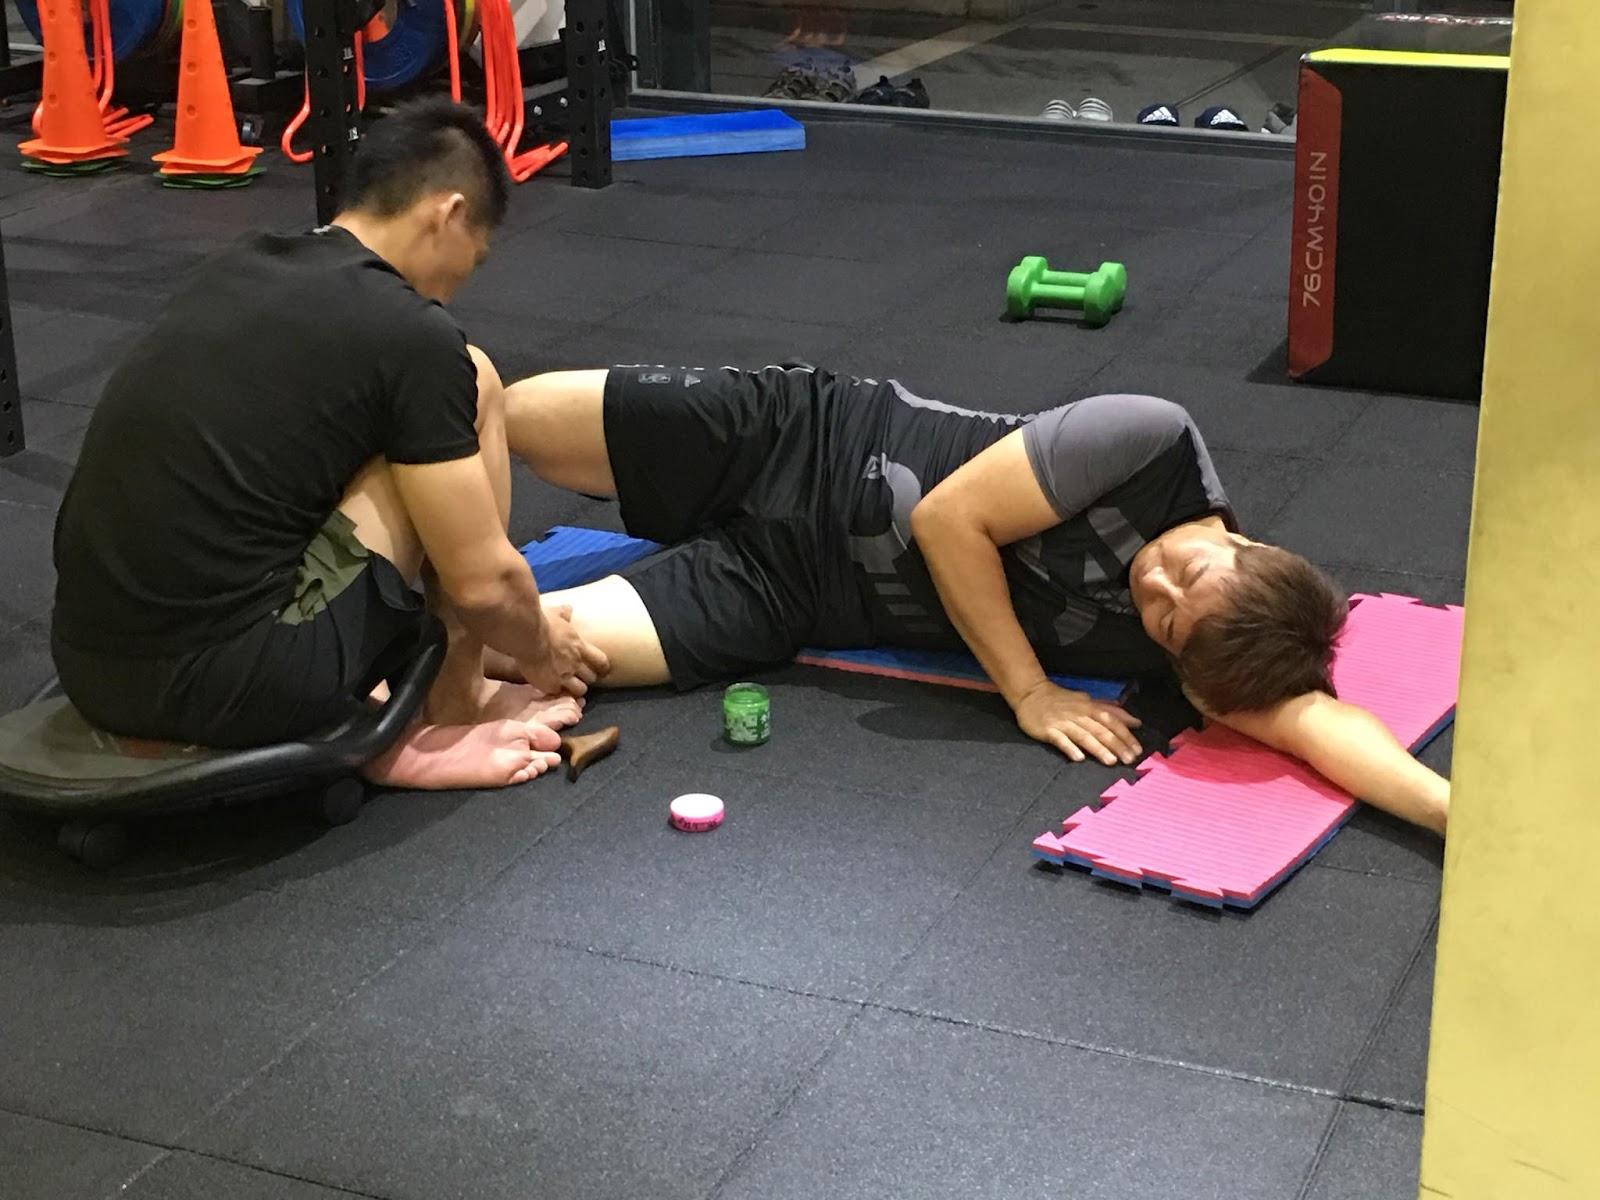 好的健身教練,除了幫你規劃訓練菜單,還能適時幫助你矯正、放鬆身體姿勢。